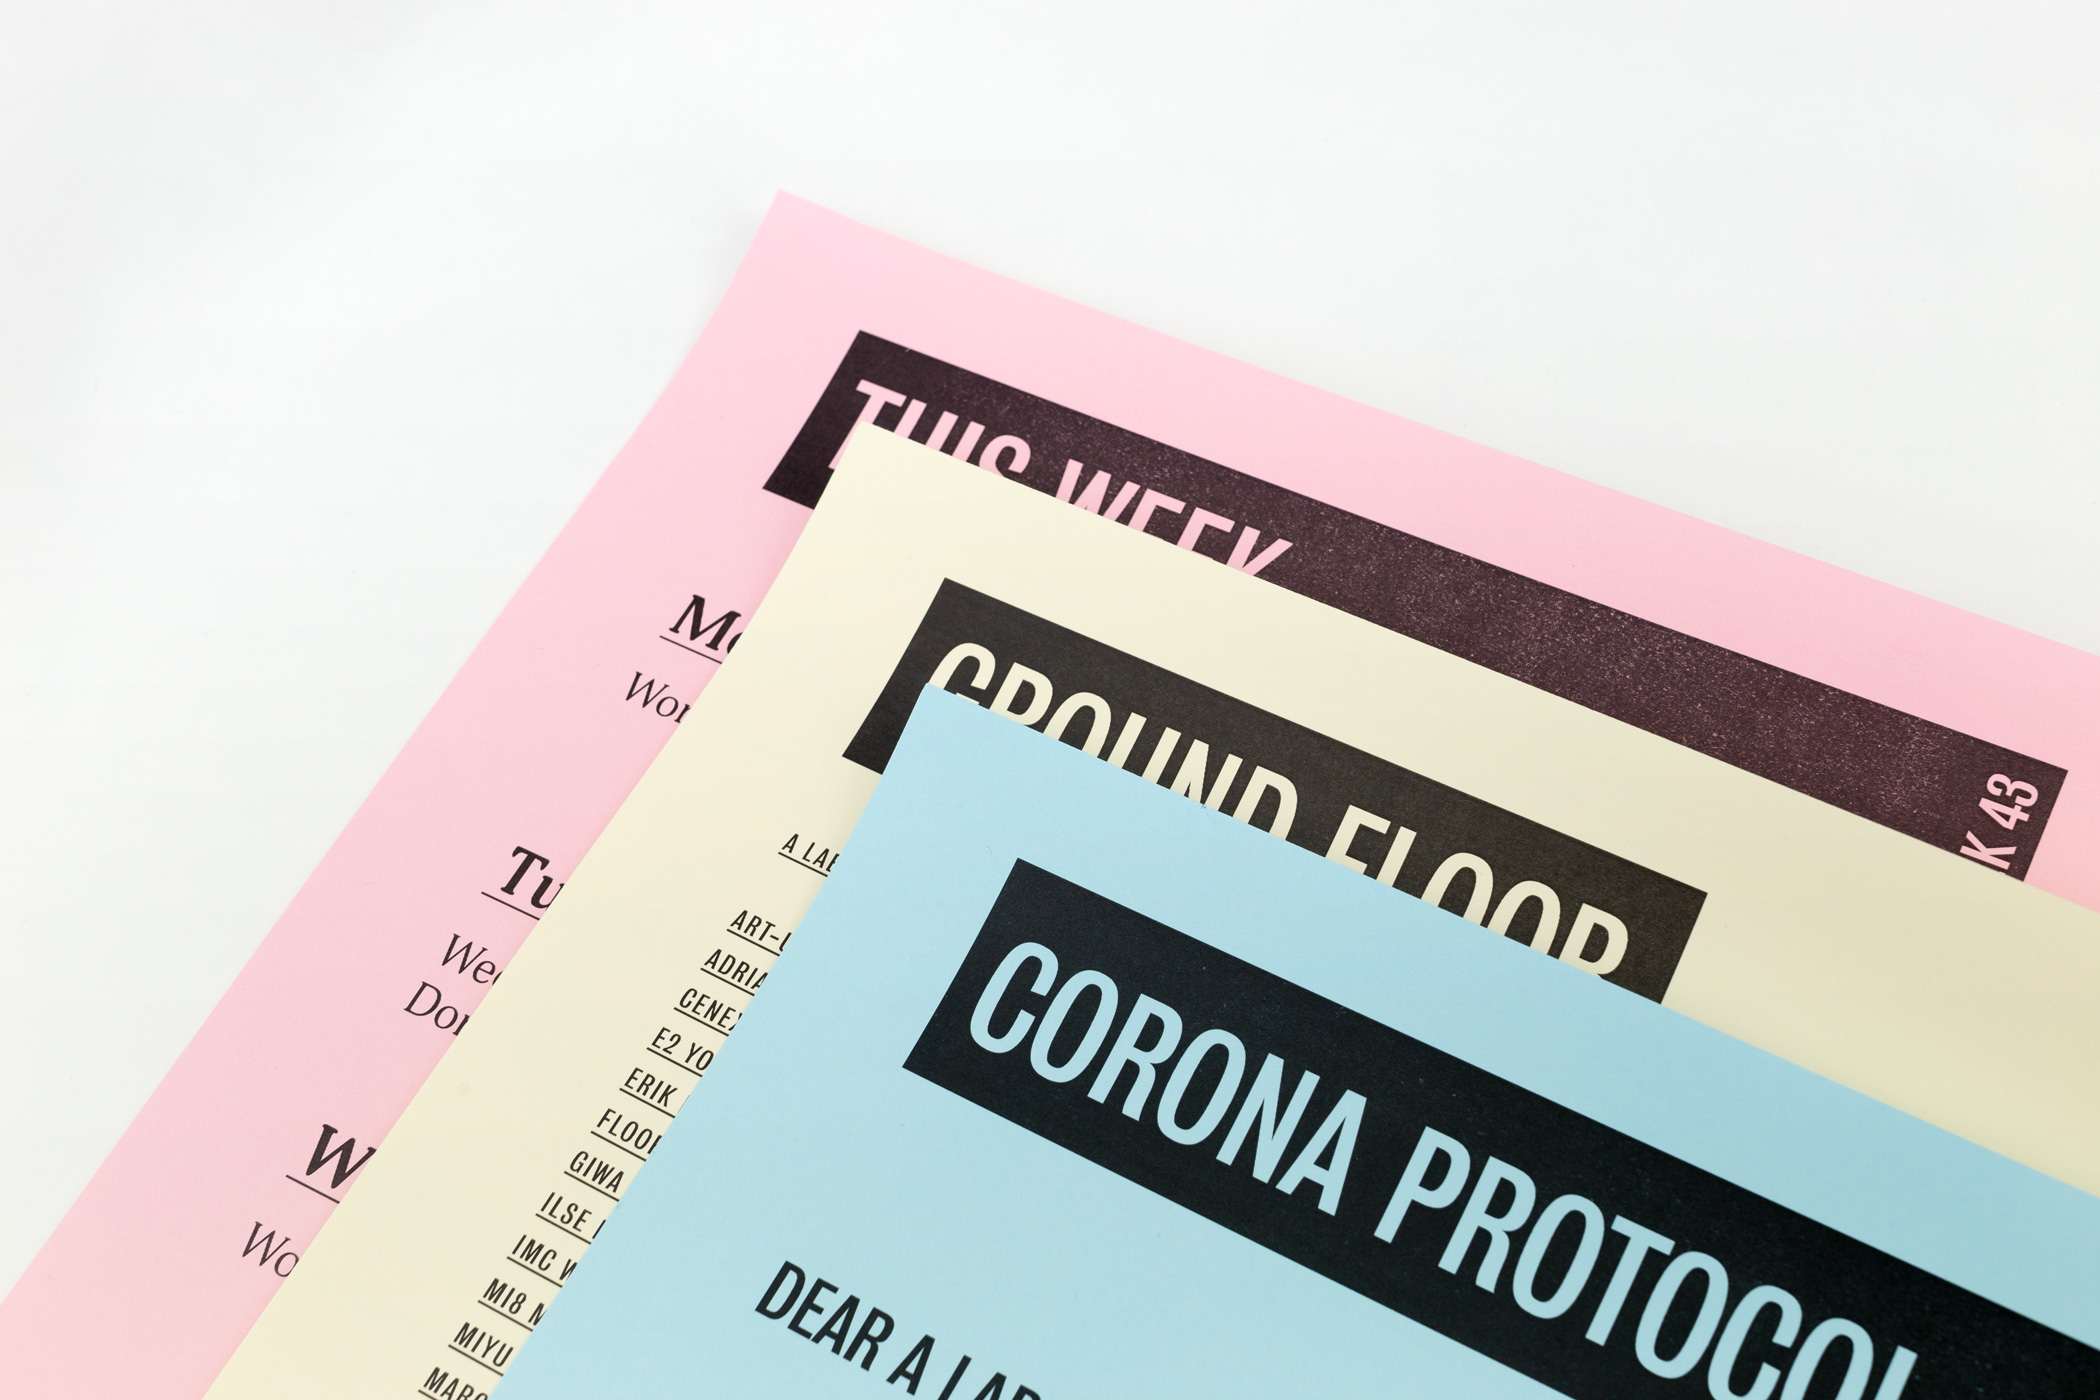 Zeppa kwam langs in de Monsterkamer om papier uit te zoeken voor Posters voor A Lab. Voor A Lab heeft Zeppa een huisstijl ontworpen.